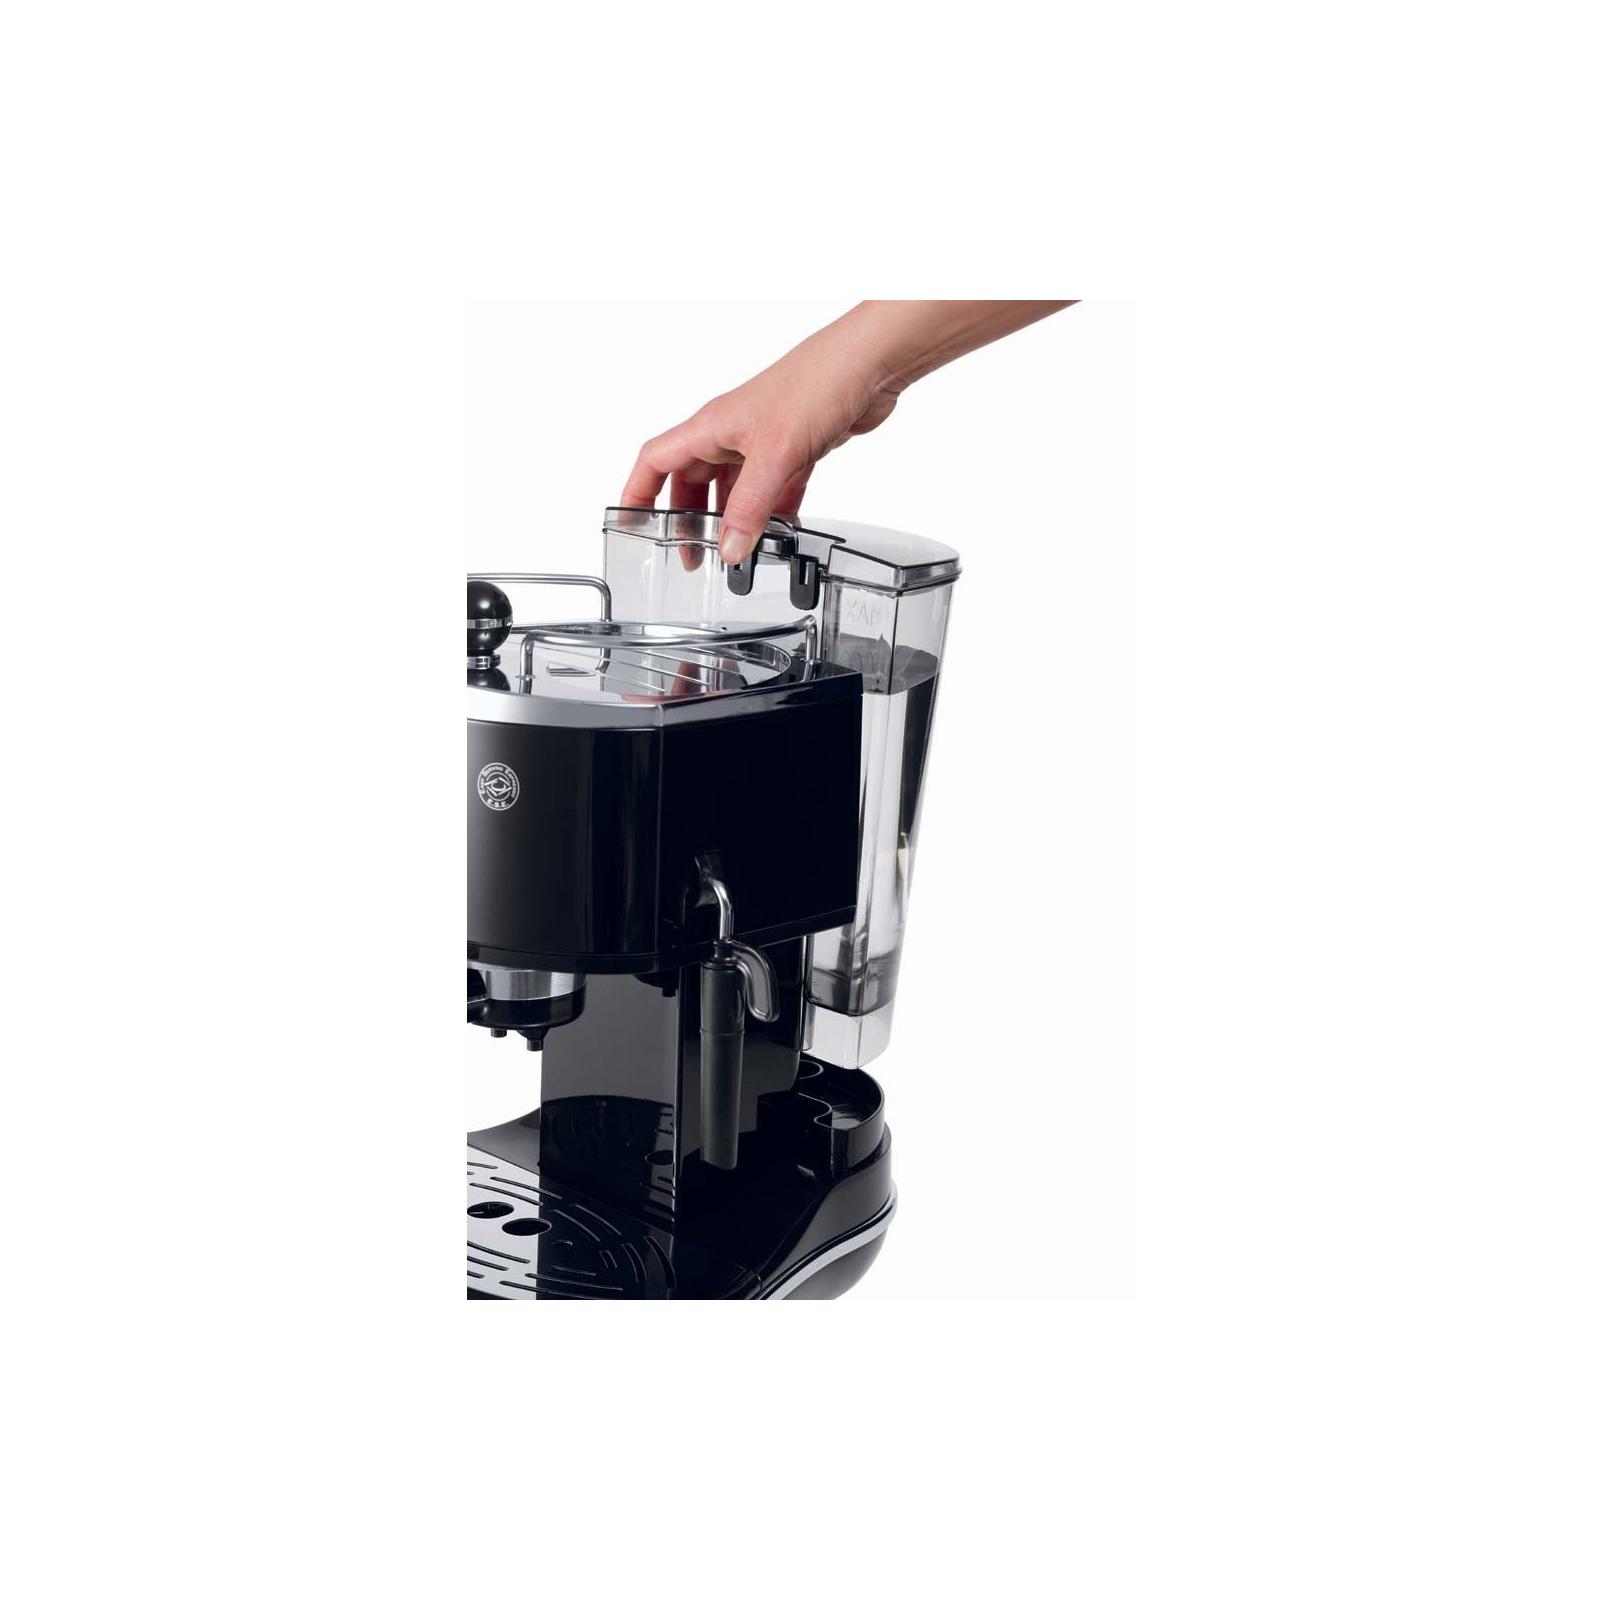 Кофеварка DeLonghi ECOV 310 BK (ECOV310BK) изображение 2